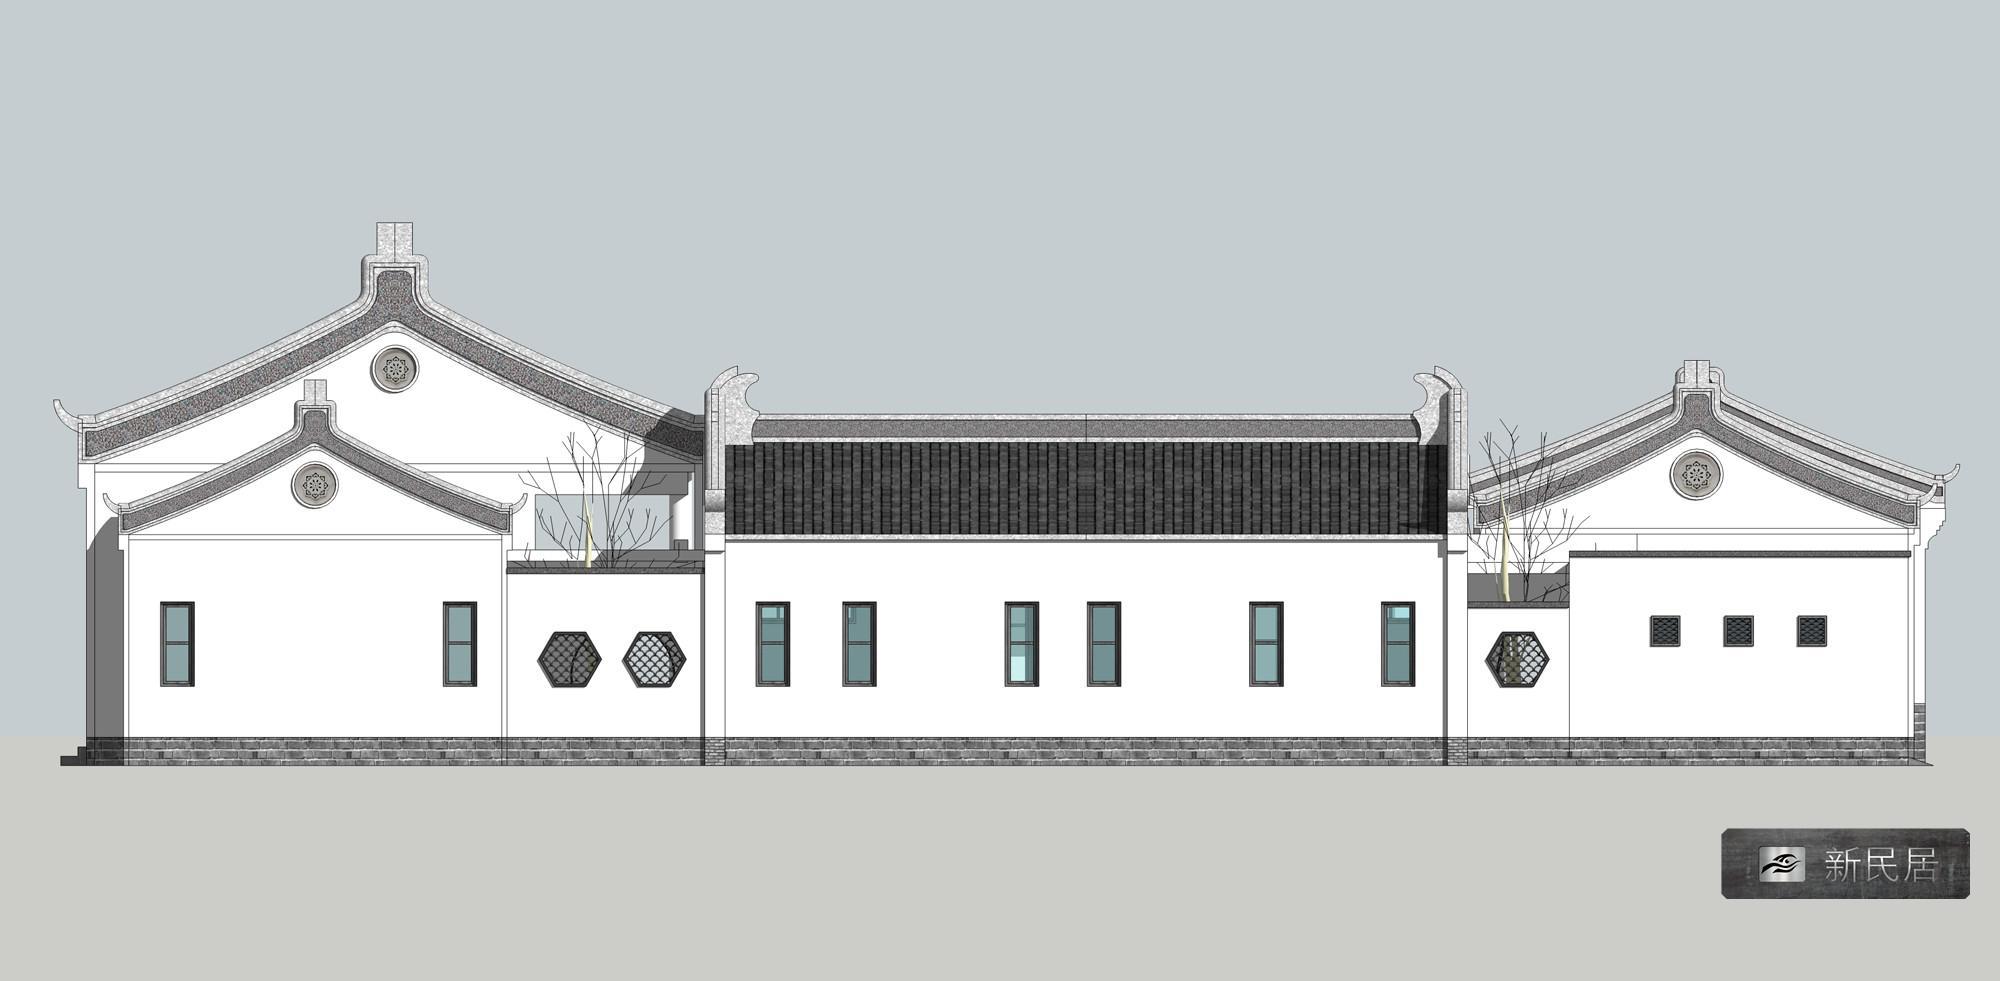 一层仿古中式四合院西立面效果图,主楼,厢房,门楼,围墙各有自己的高度